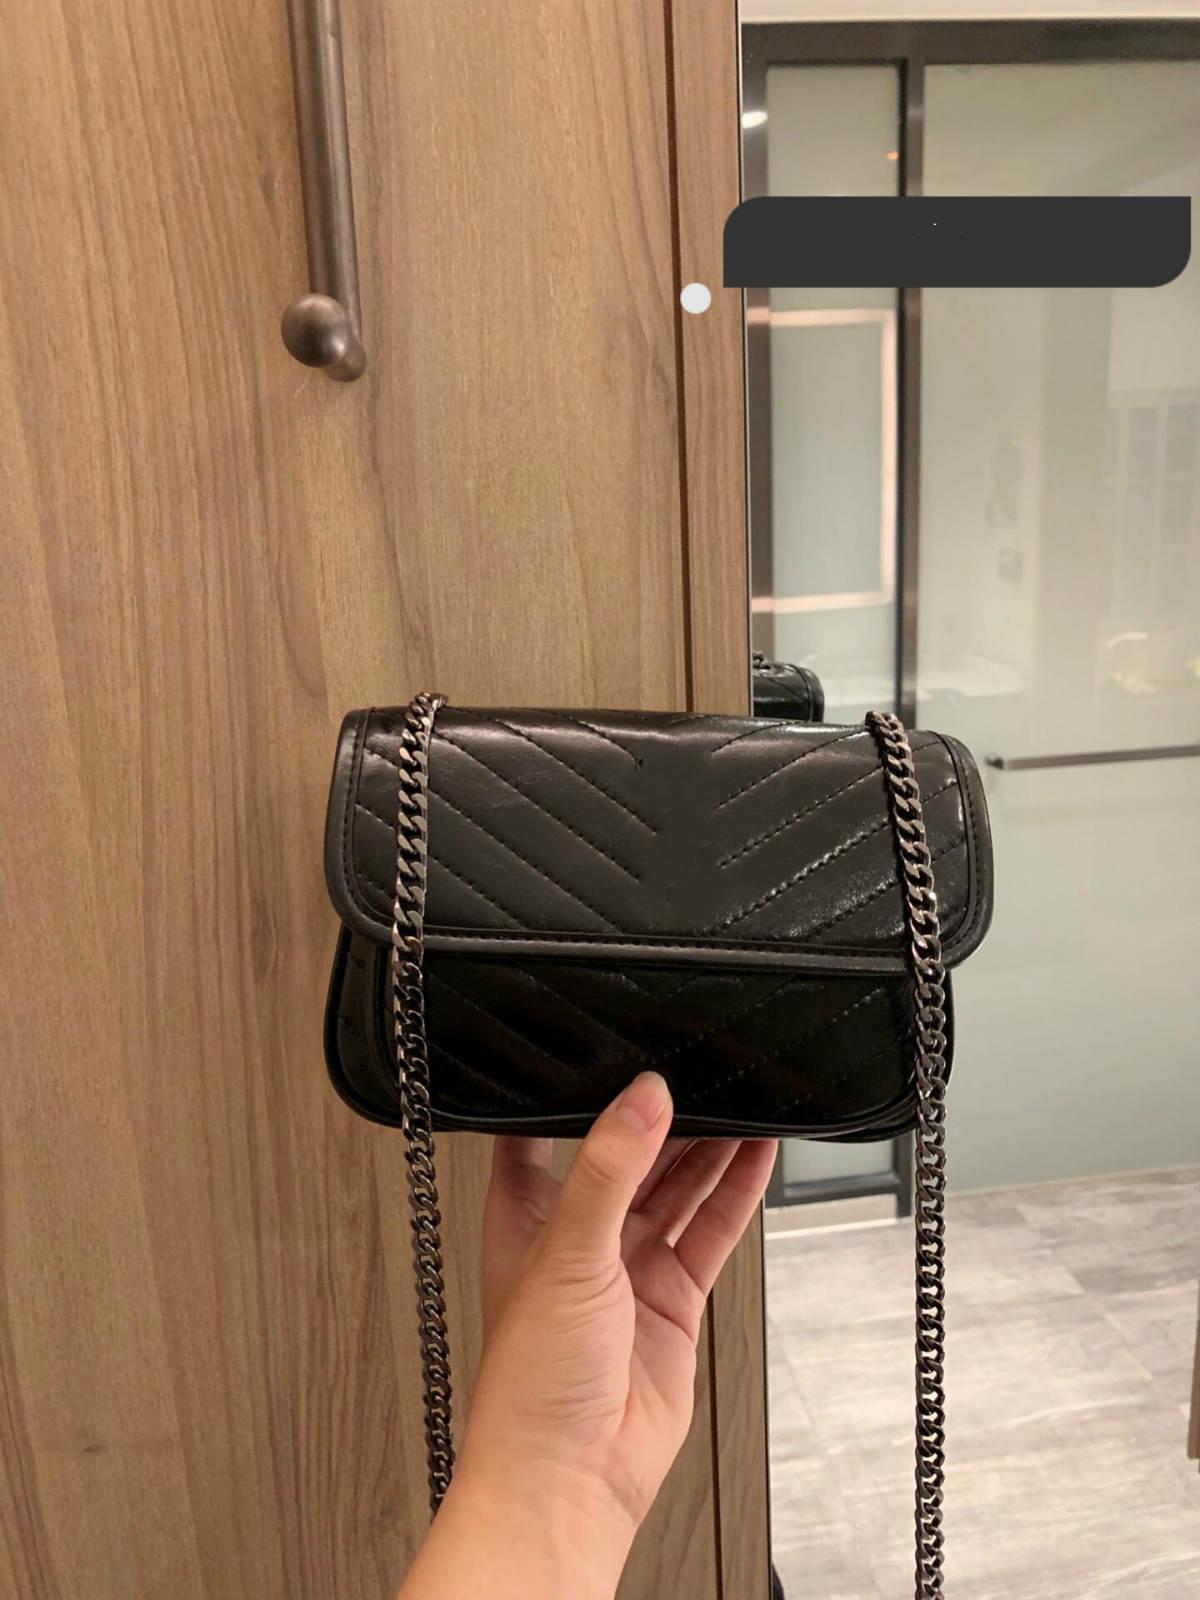 Сумочка кошелек женского дизайнера сумка 2020 новых женщины кошелька сумка кожа качества высокого 2 цвета